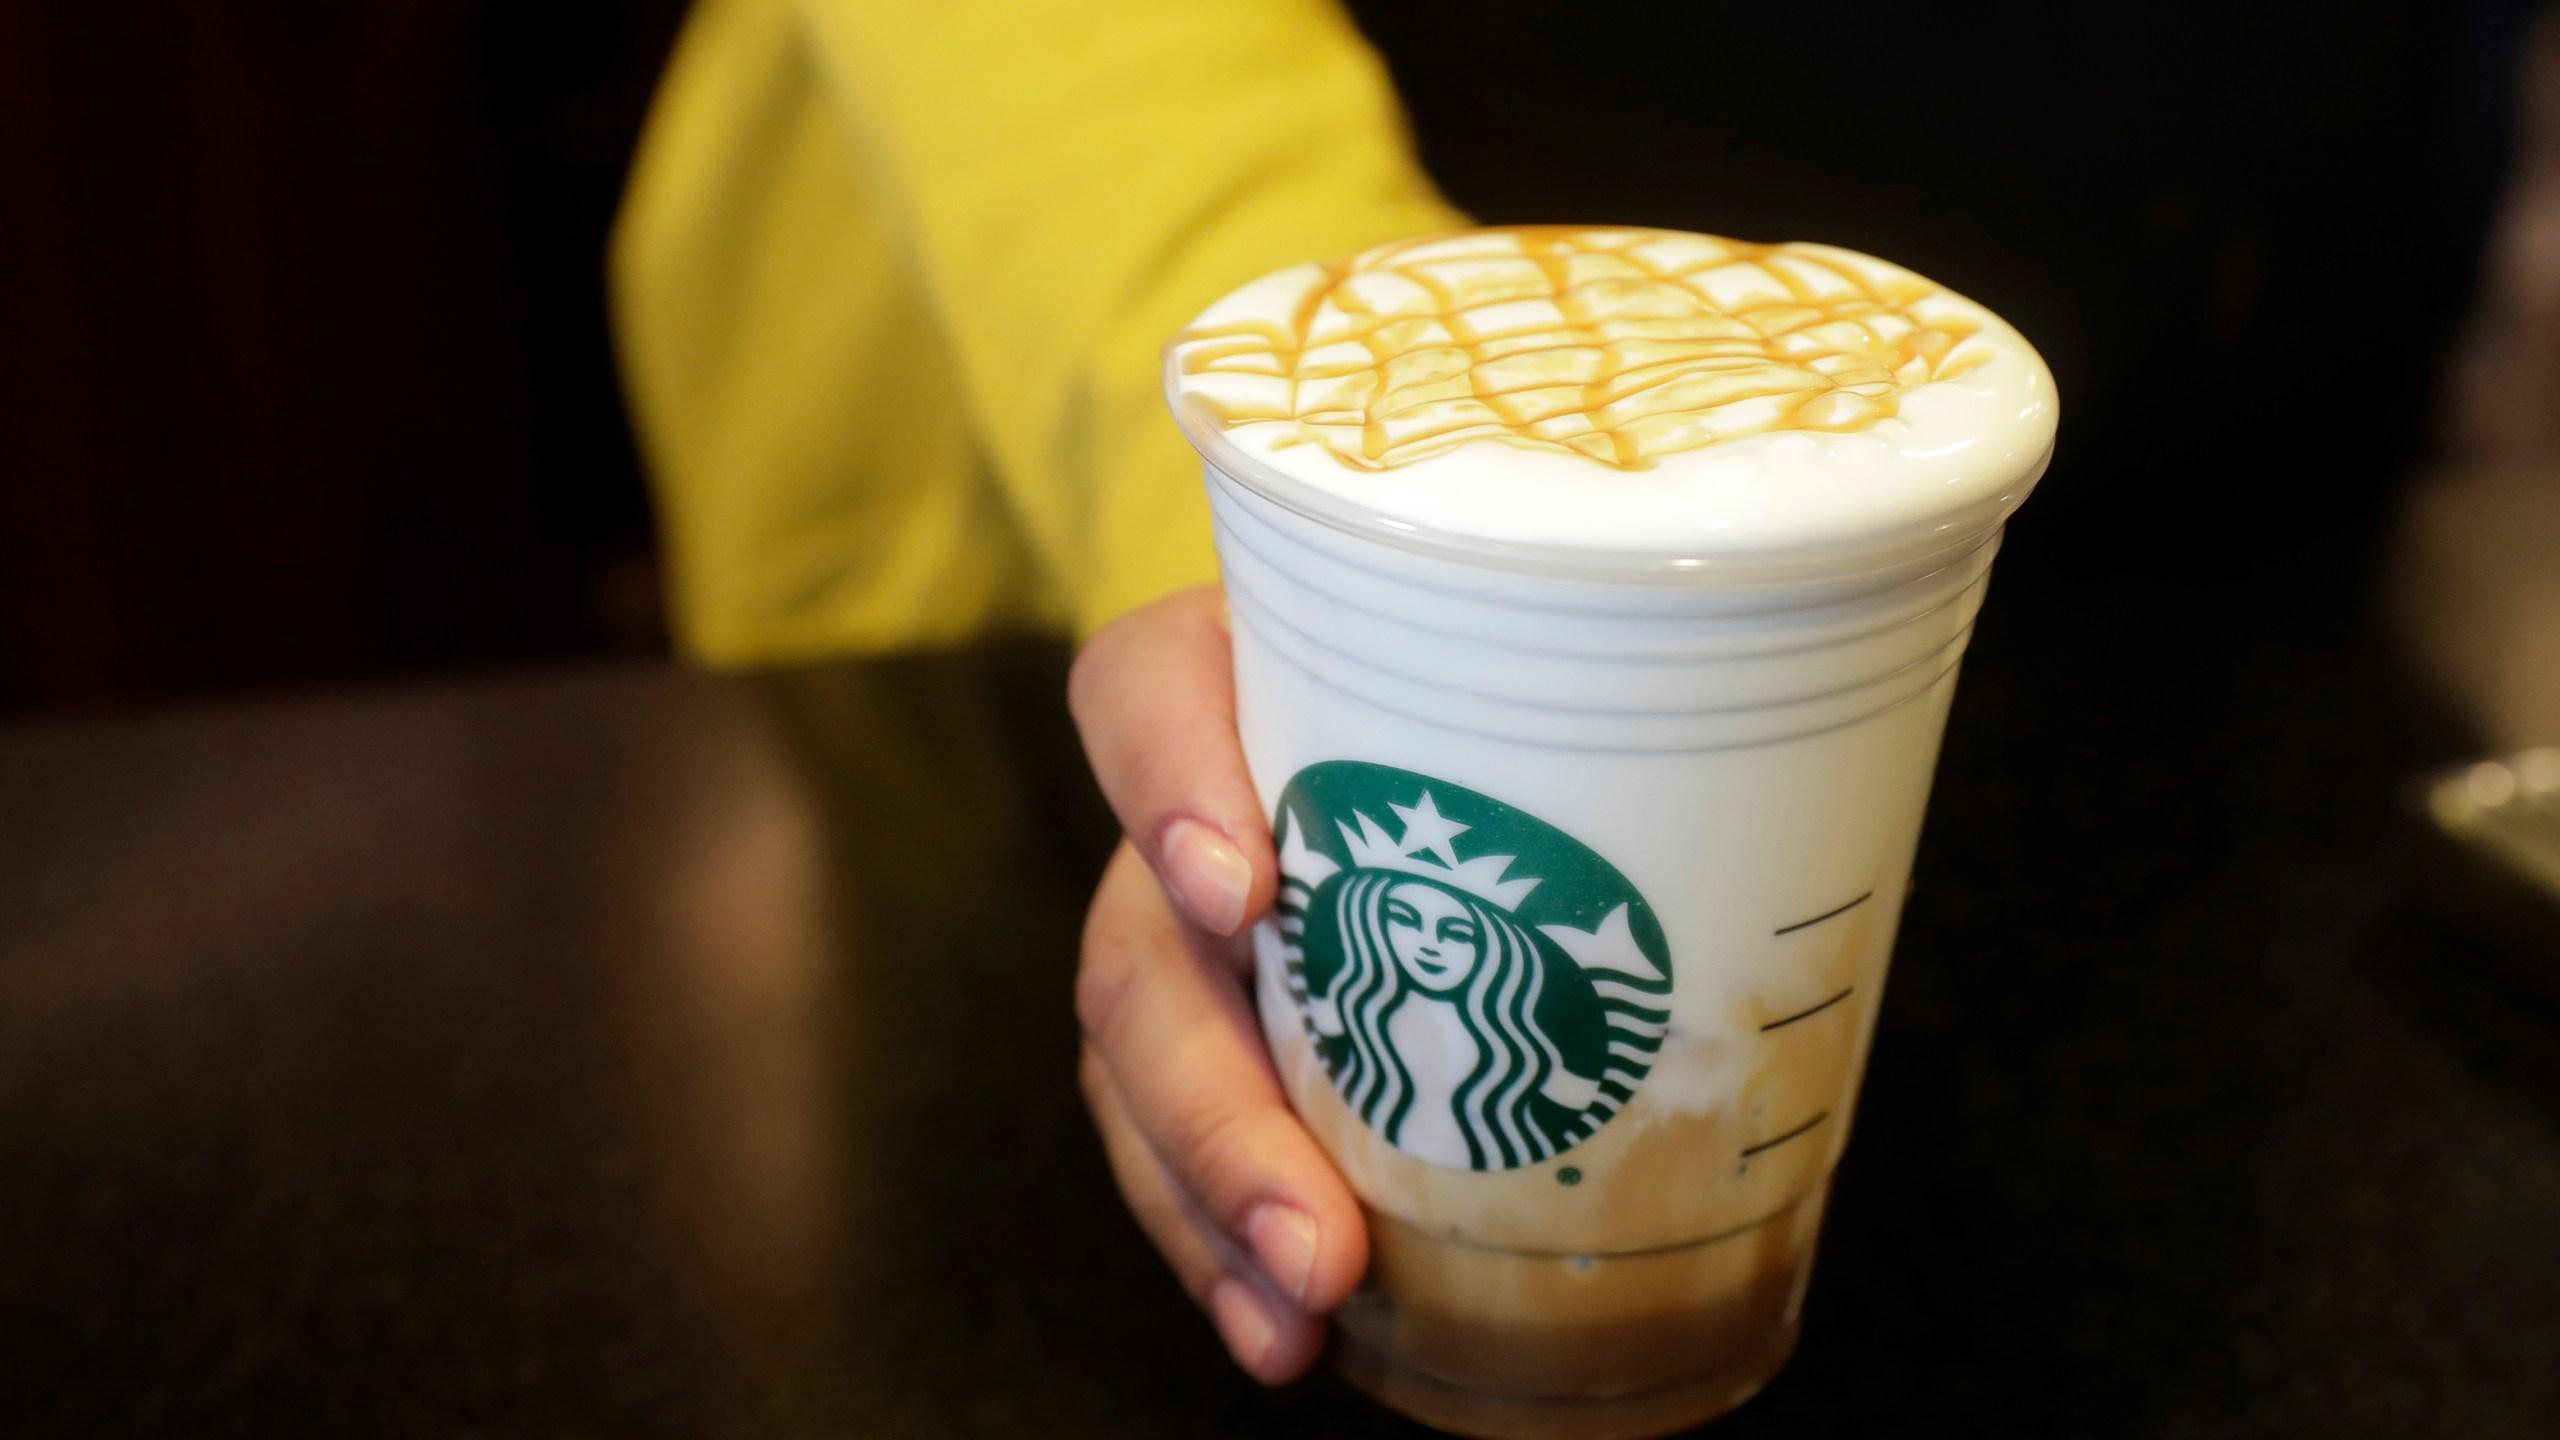 Earns_Starbucks_86124-159532.jpg41098014